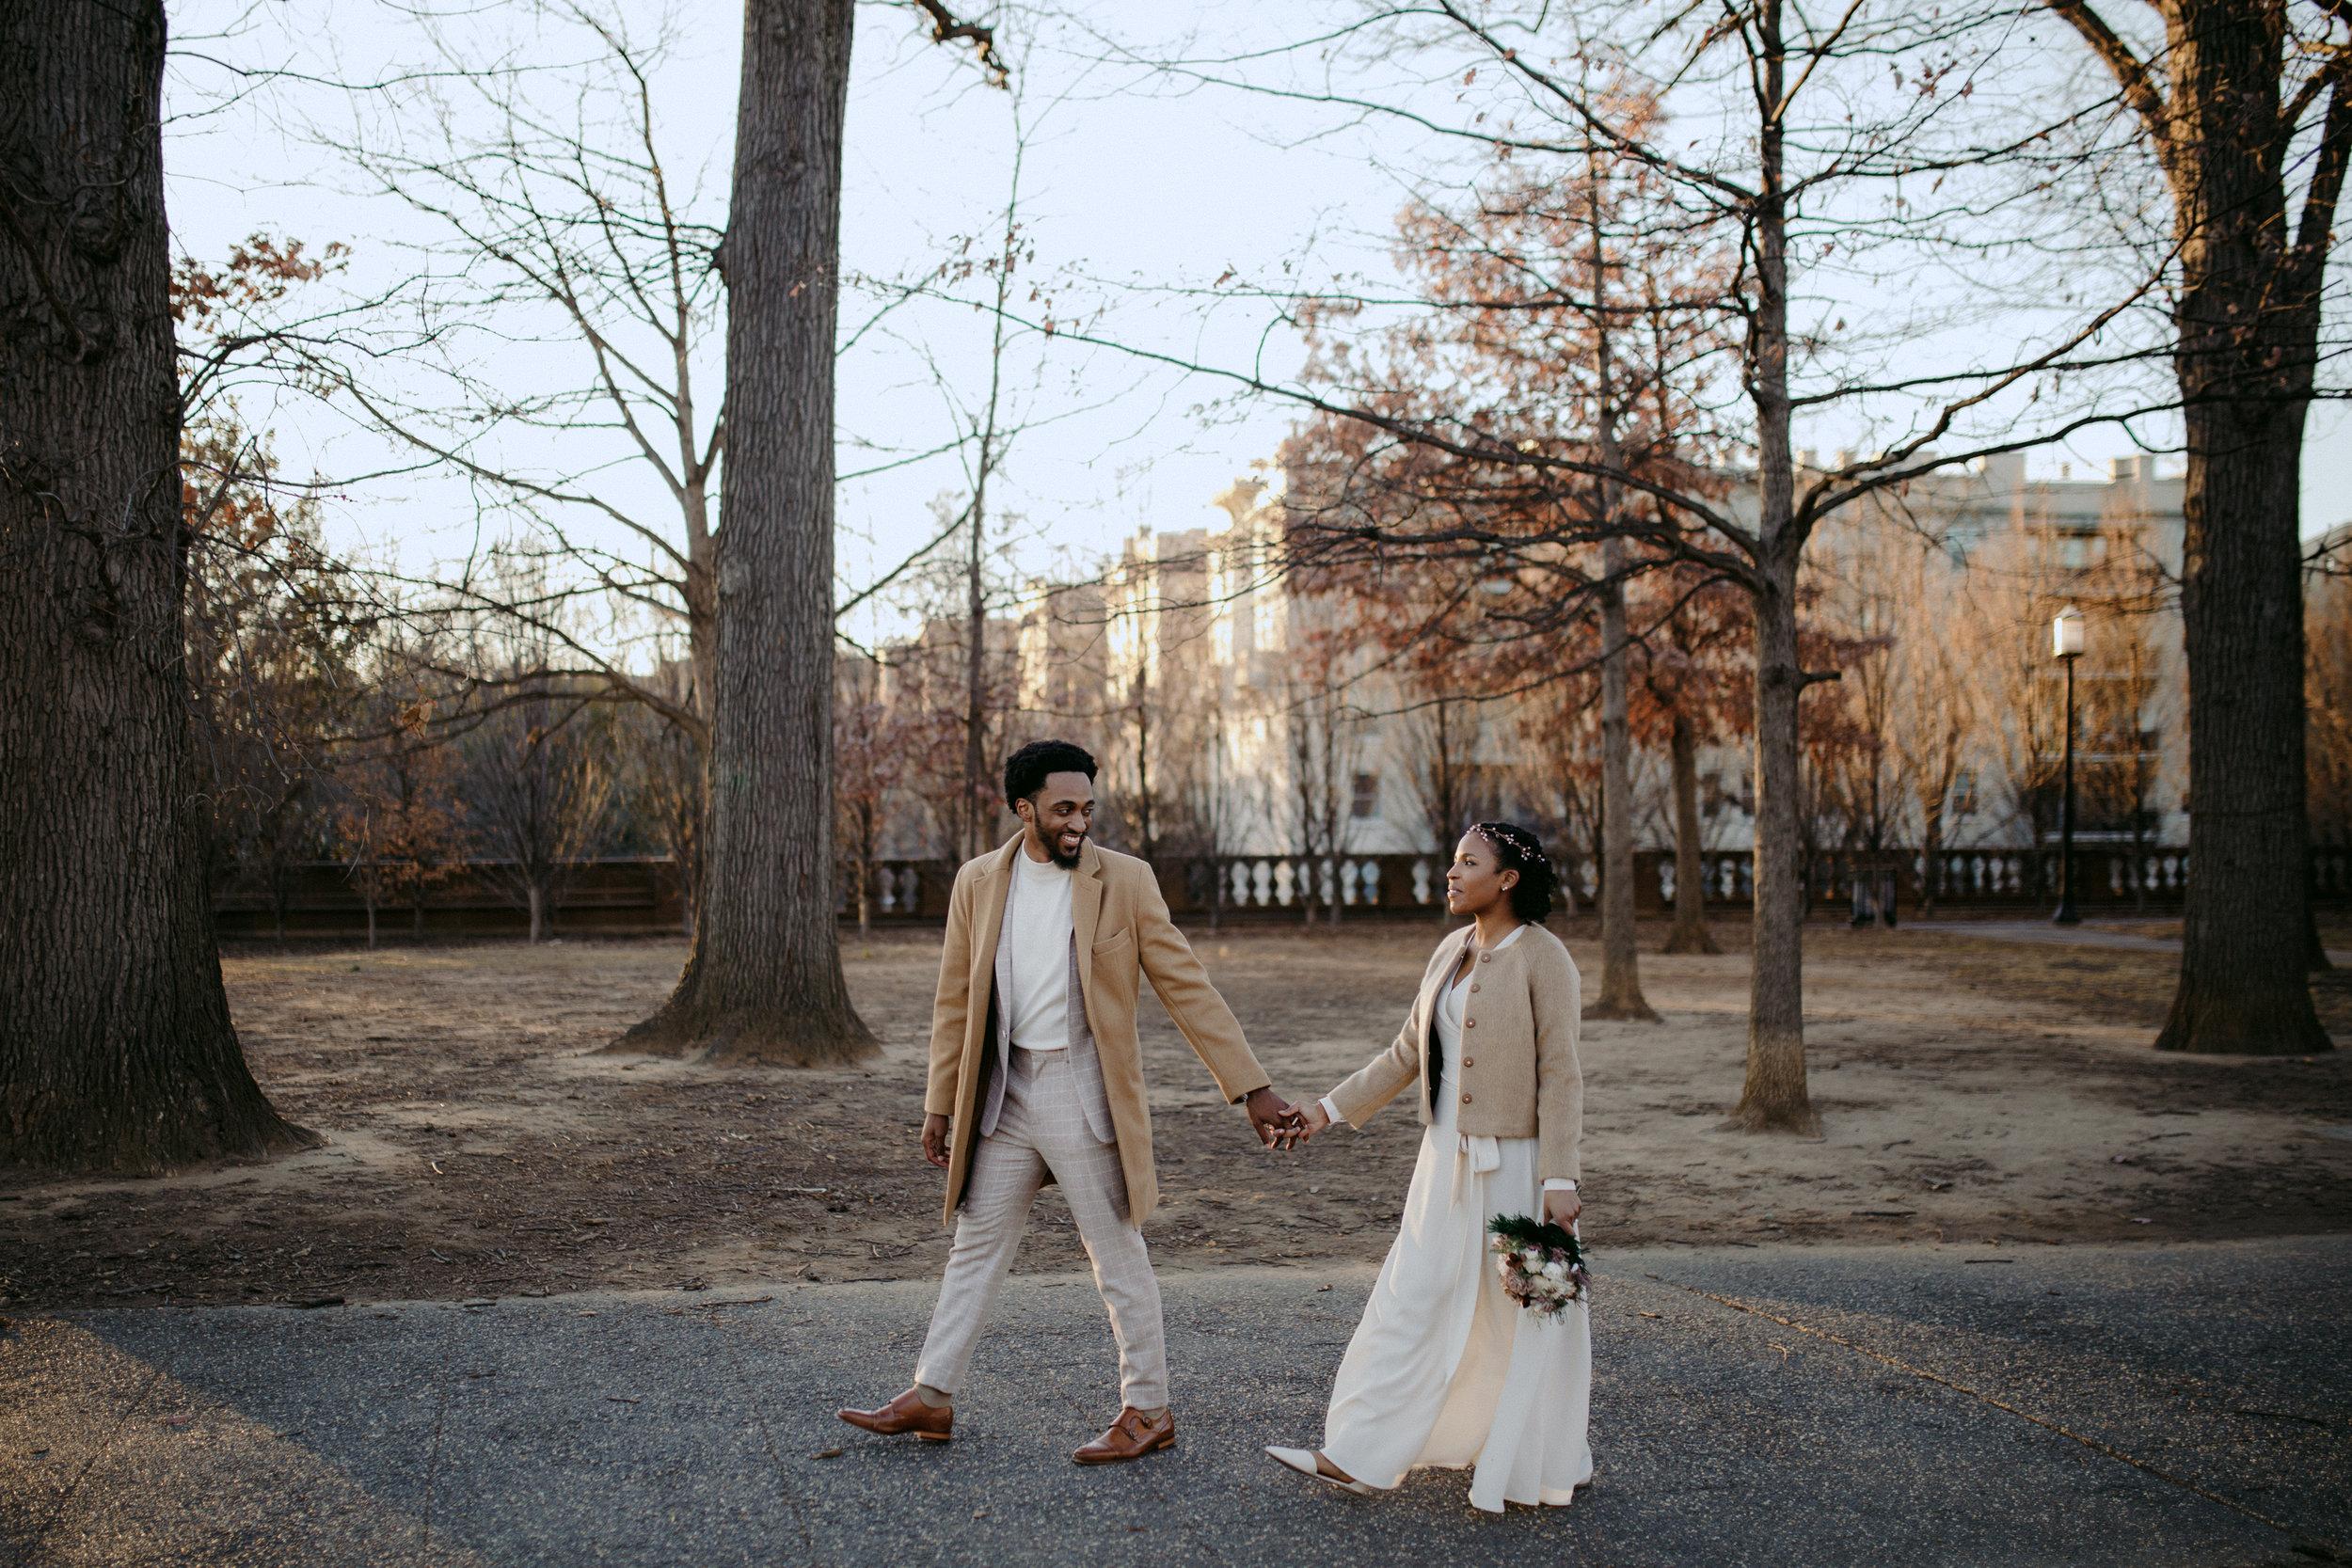 destination_elopement_photographer-62.jpg